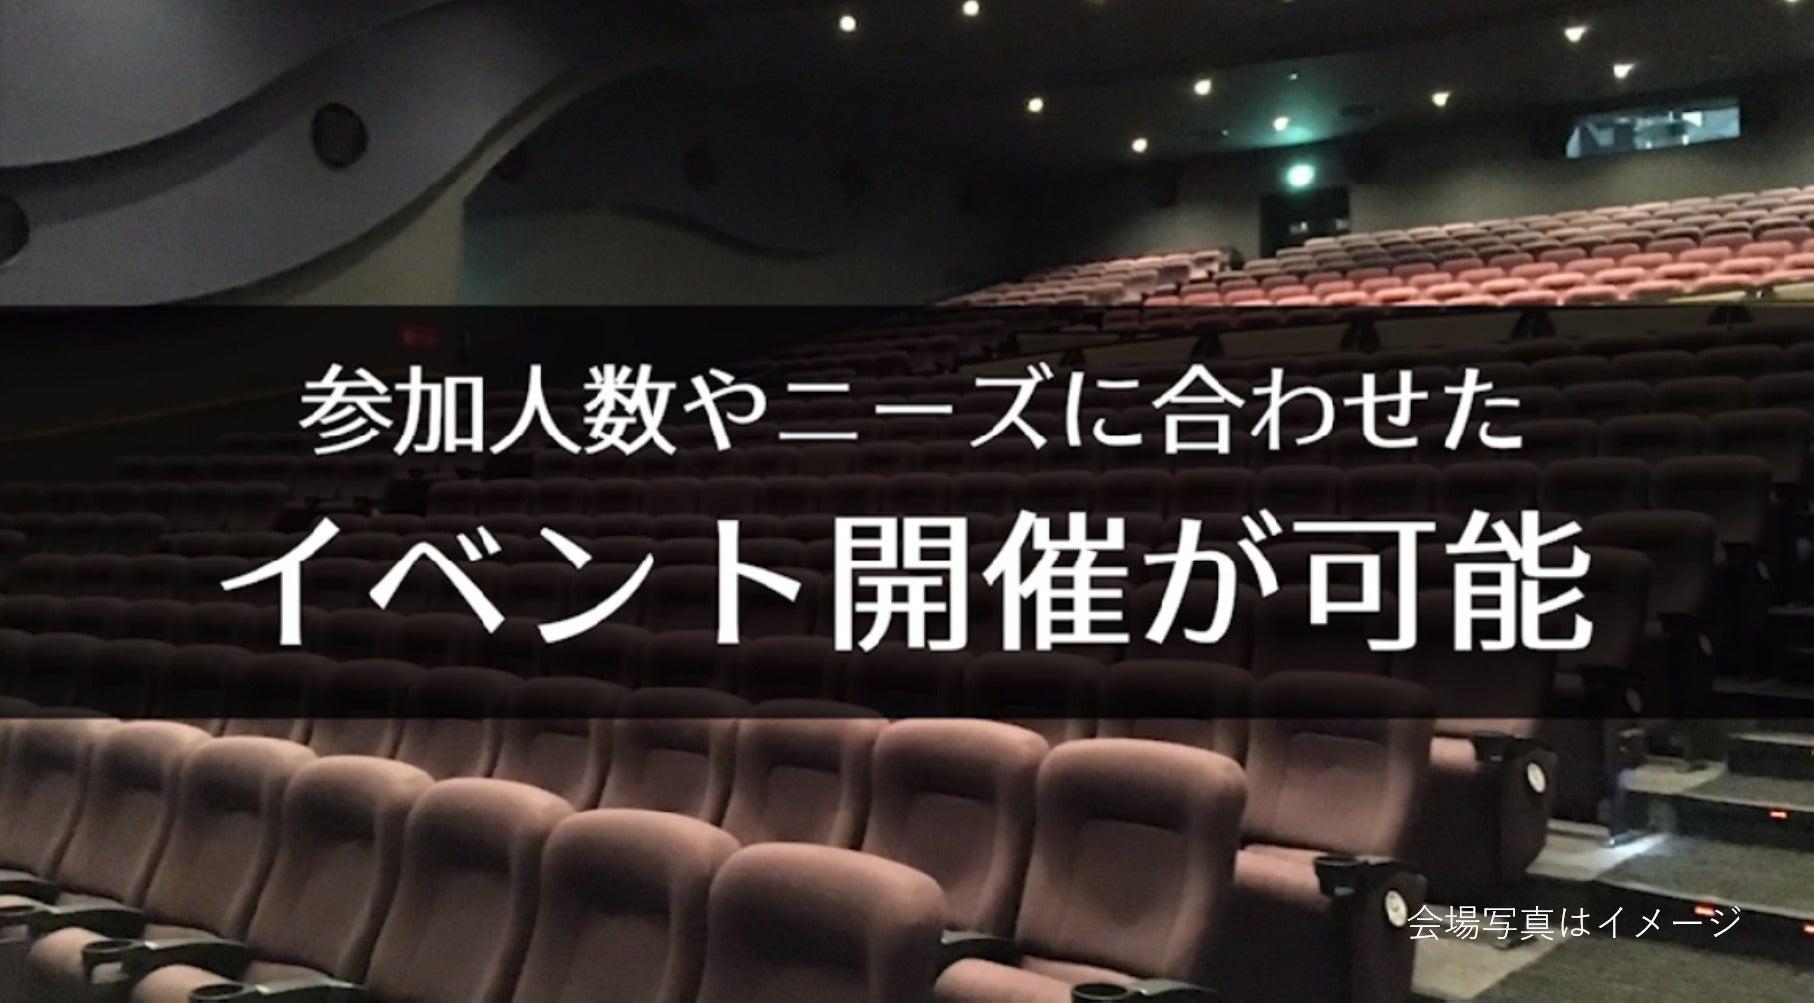 【岸和田 216席】映画館で、会社説明会、株主総会、講演会の企画はいかがですか?(ユナイテッド・シネマ岸和田) の写真0